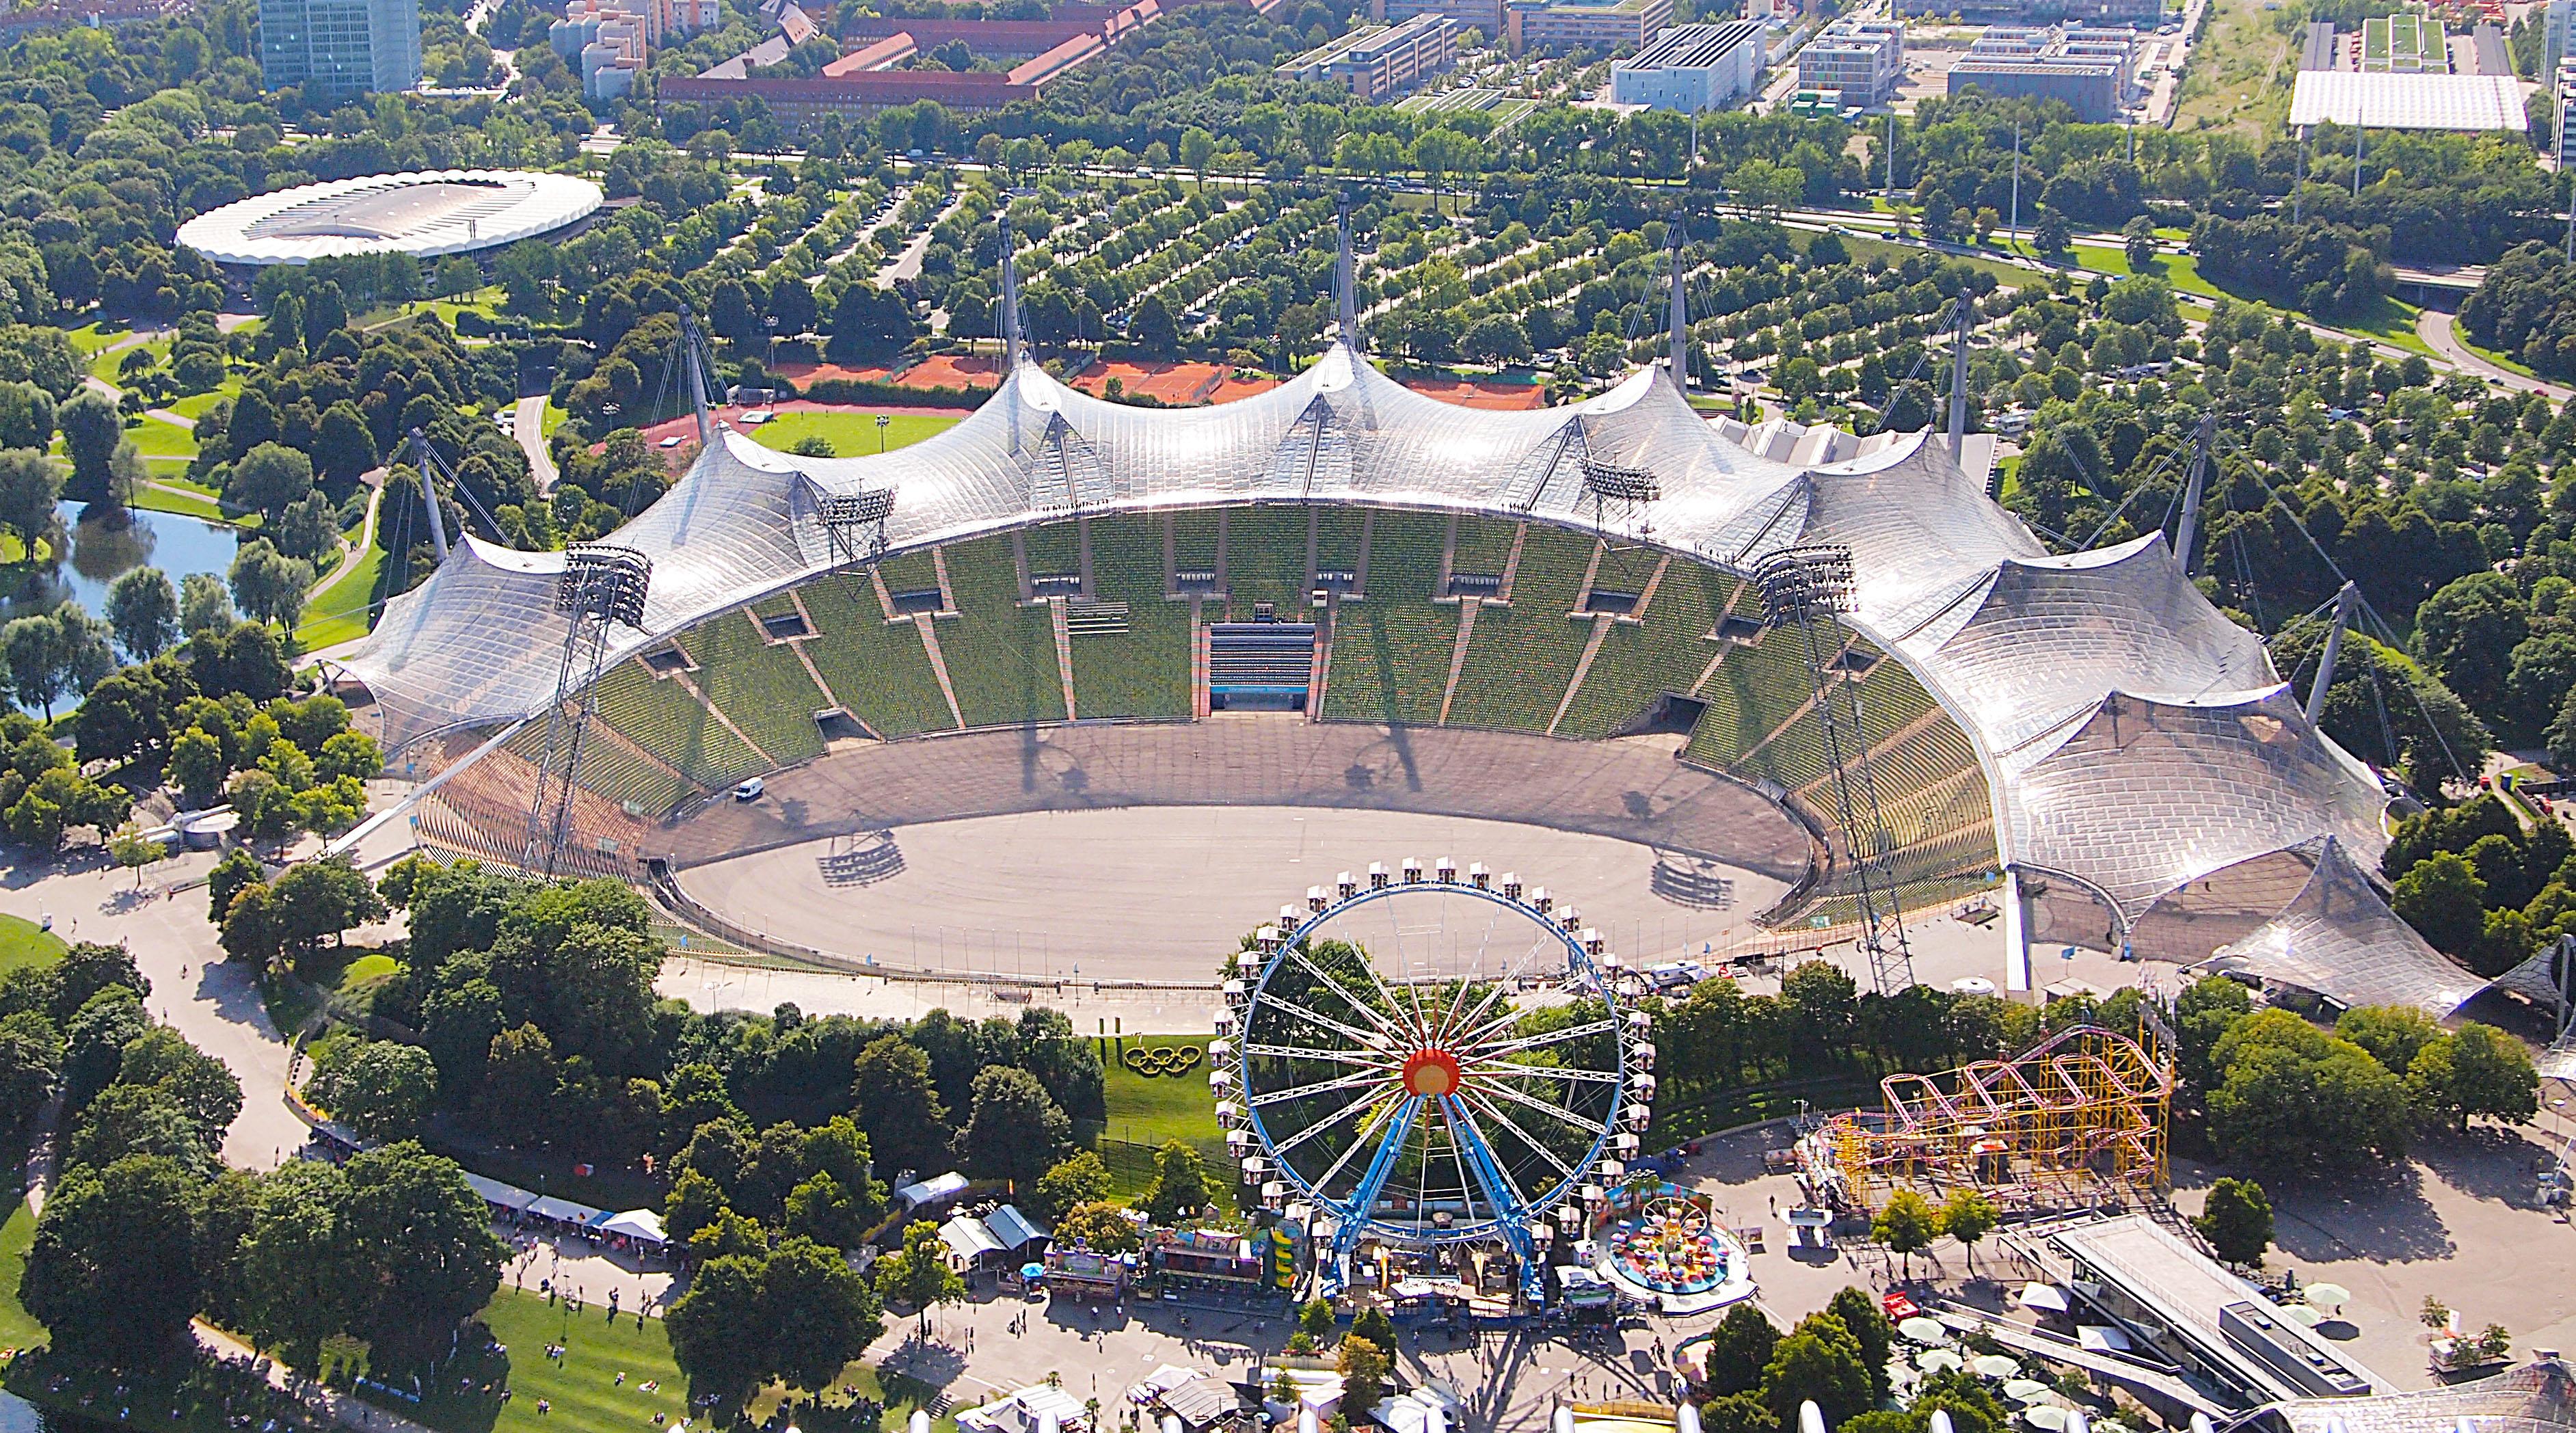 Замыслом архитектора было создание конструкции, противопоставляющей довоенную и послевоенную Германию. Поэтому он придумал «воздушную» крышу, по форме напоминающую альпийские горные вершины — полный контраст с «тяжелым» имперско-милитаристским стадионом в Берлине, где проходили Олимпийские игры 1936 года